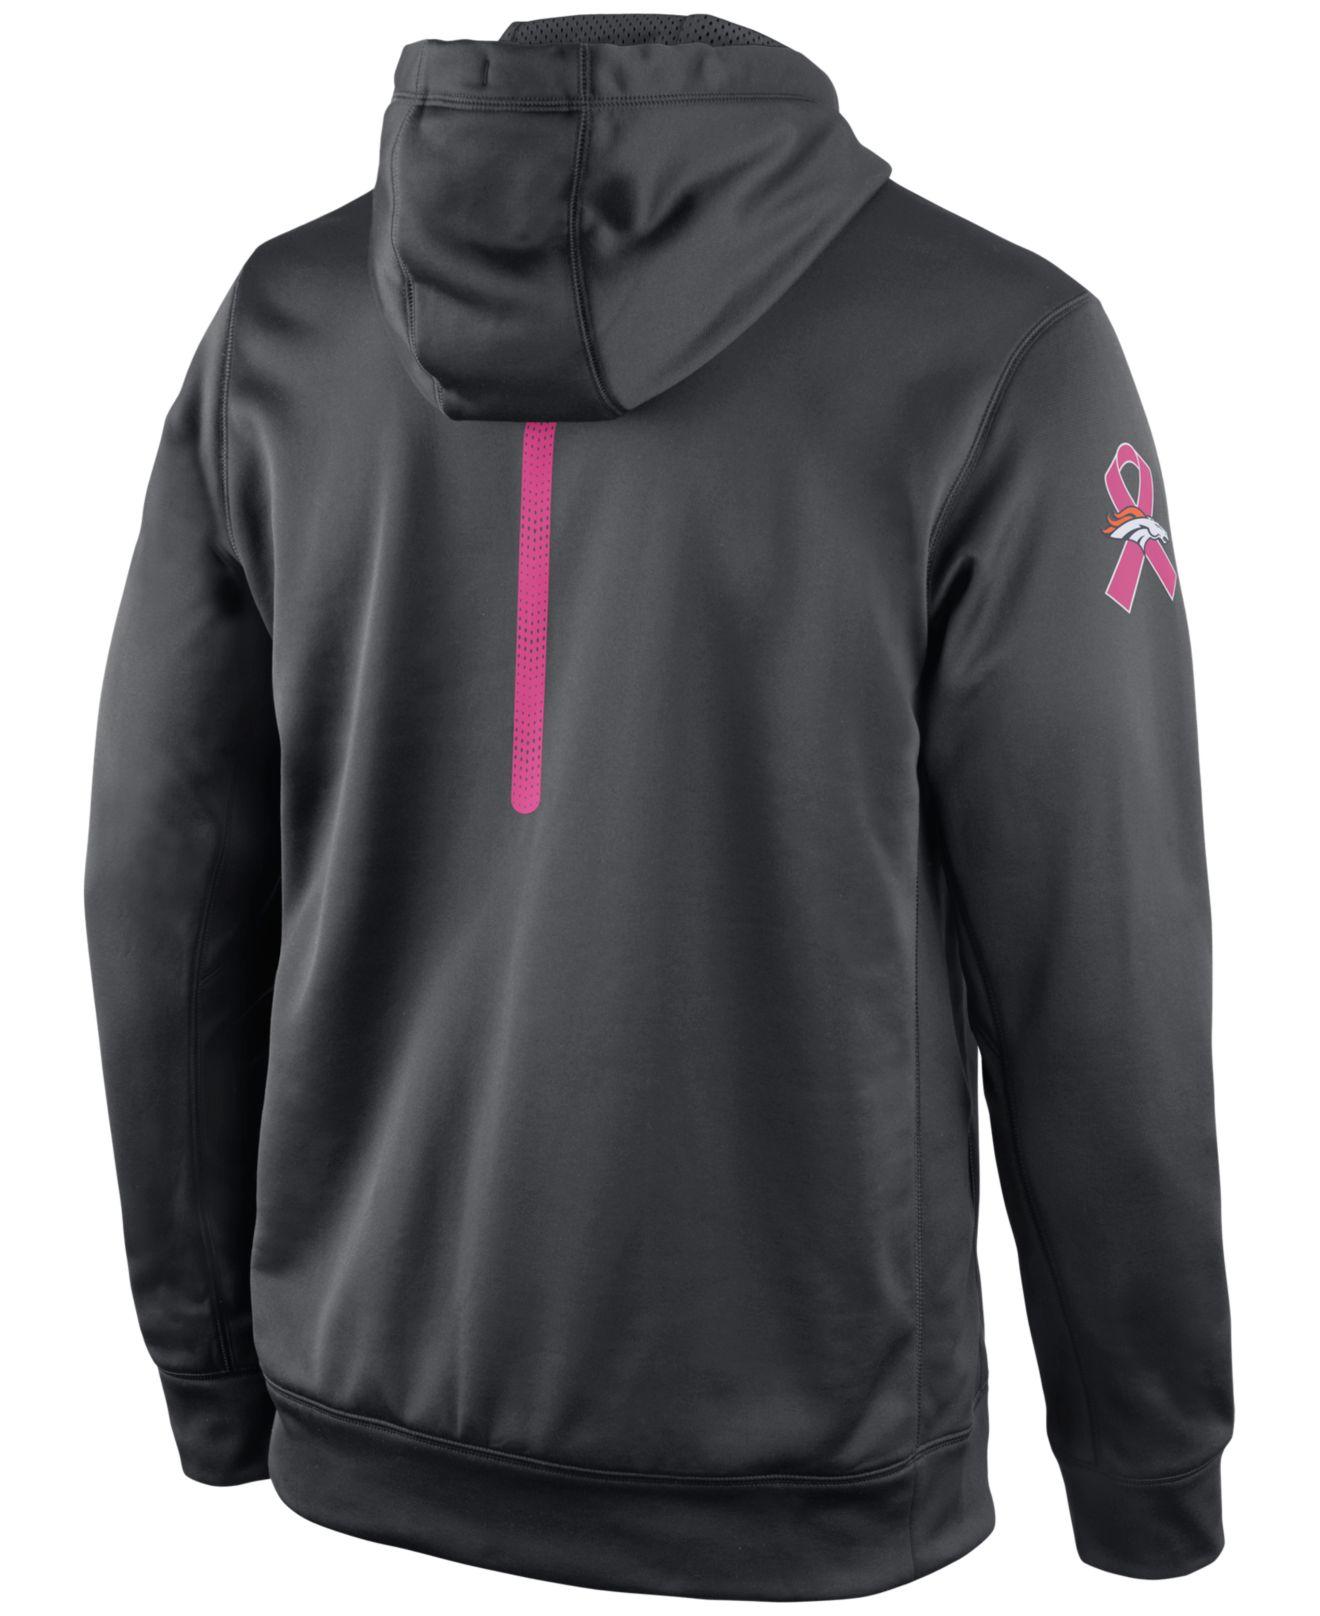 reputable site 332c1 a6afa Gray Men's Denver Broncos Breast Cancer Awareness Ko Hoodie